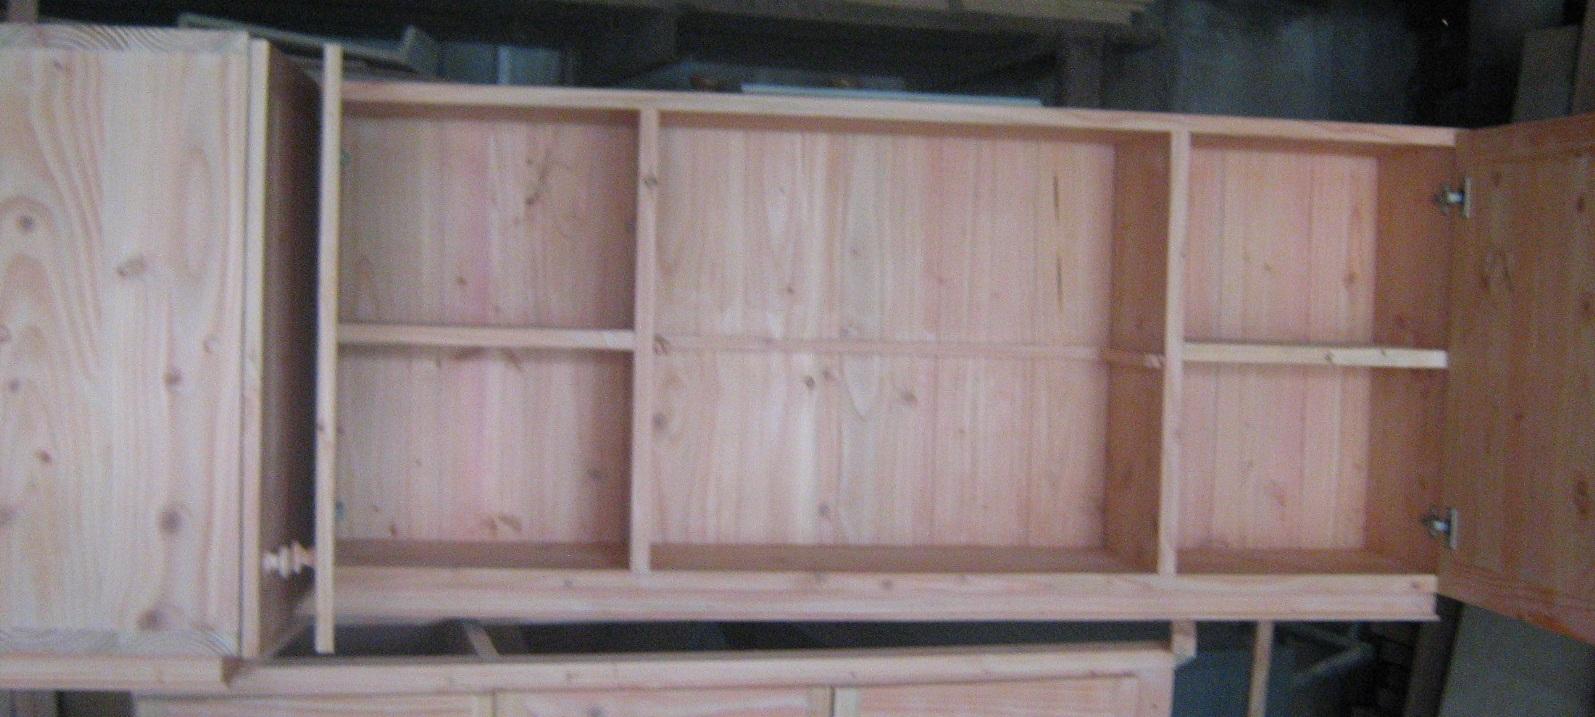 Mueble de cocina fabricaci n de muebles puertas y for Mueble de 5 repisas